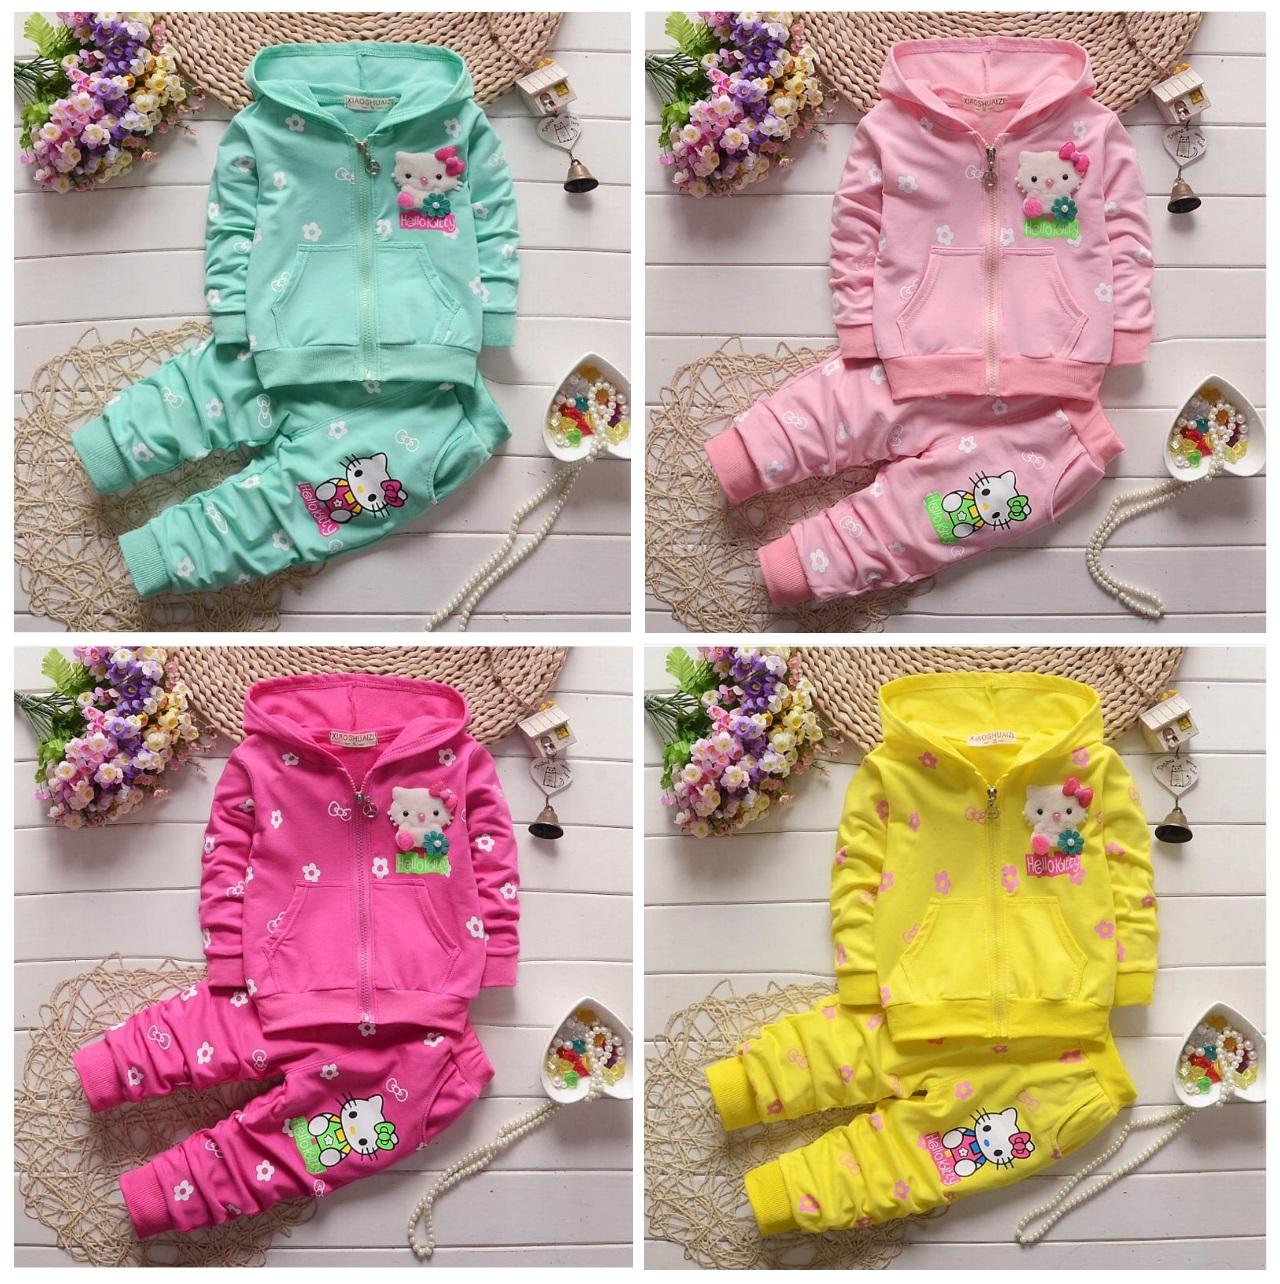 Dětská tepláková souprava - Hello Kitty / dnk-13-01257